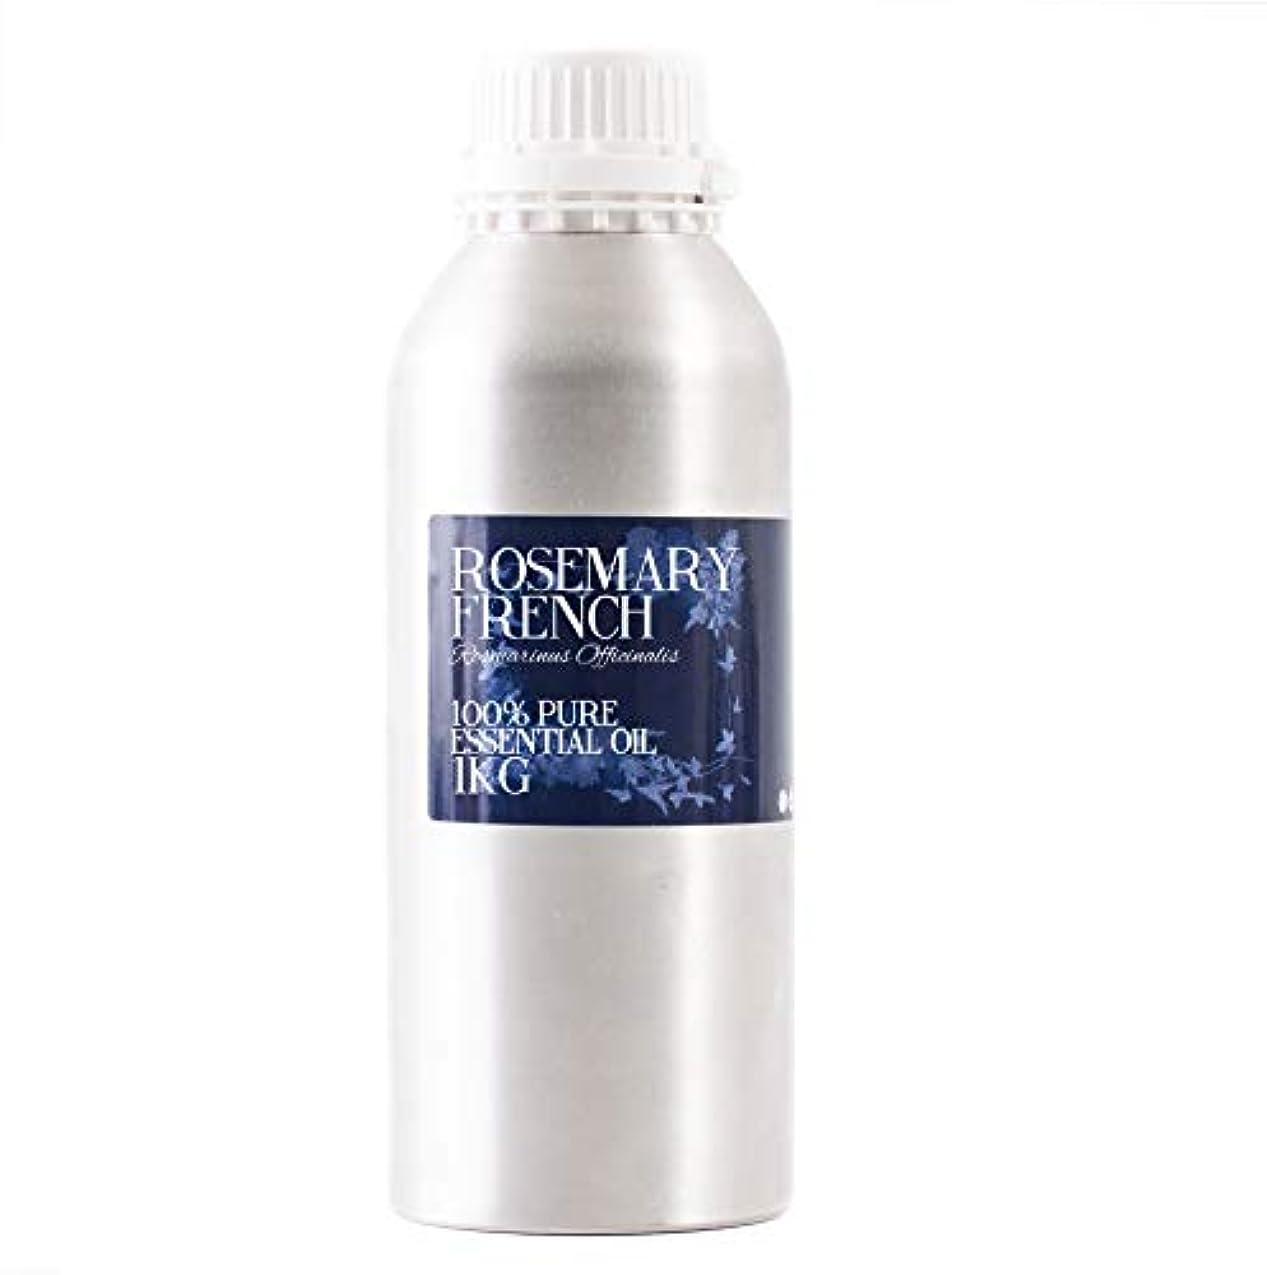 コンピューターゲームをプレイする許容できる残り物Mystic Moments | Rosemary French Essential Oil - 1Kg - 100% Pure